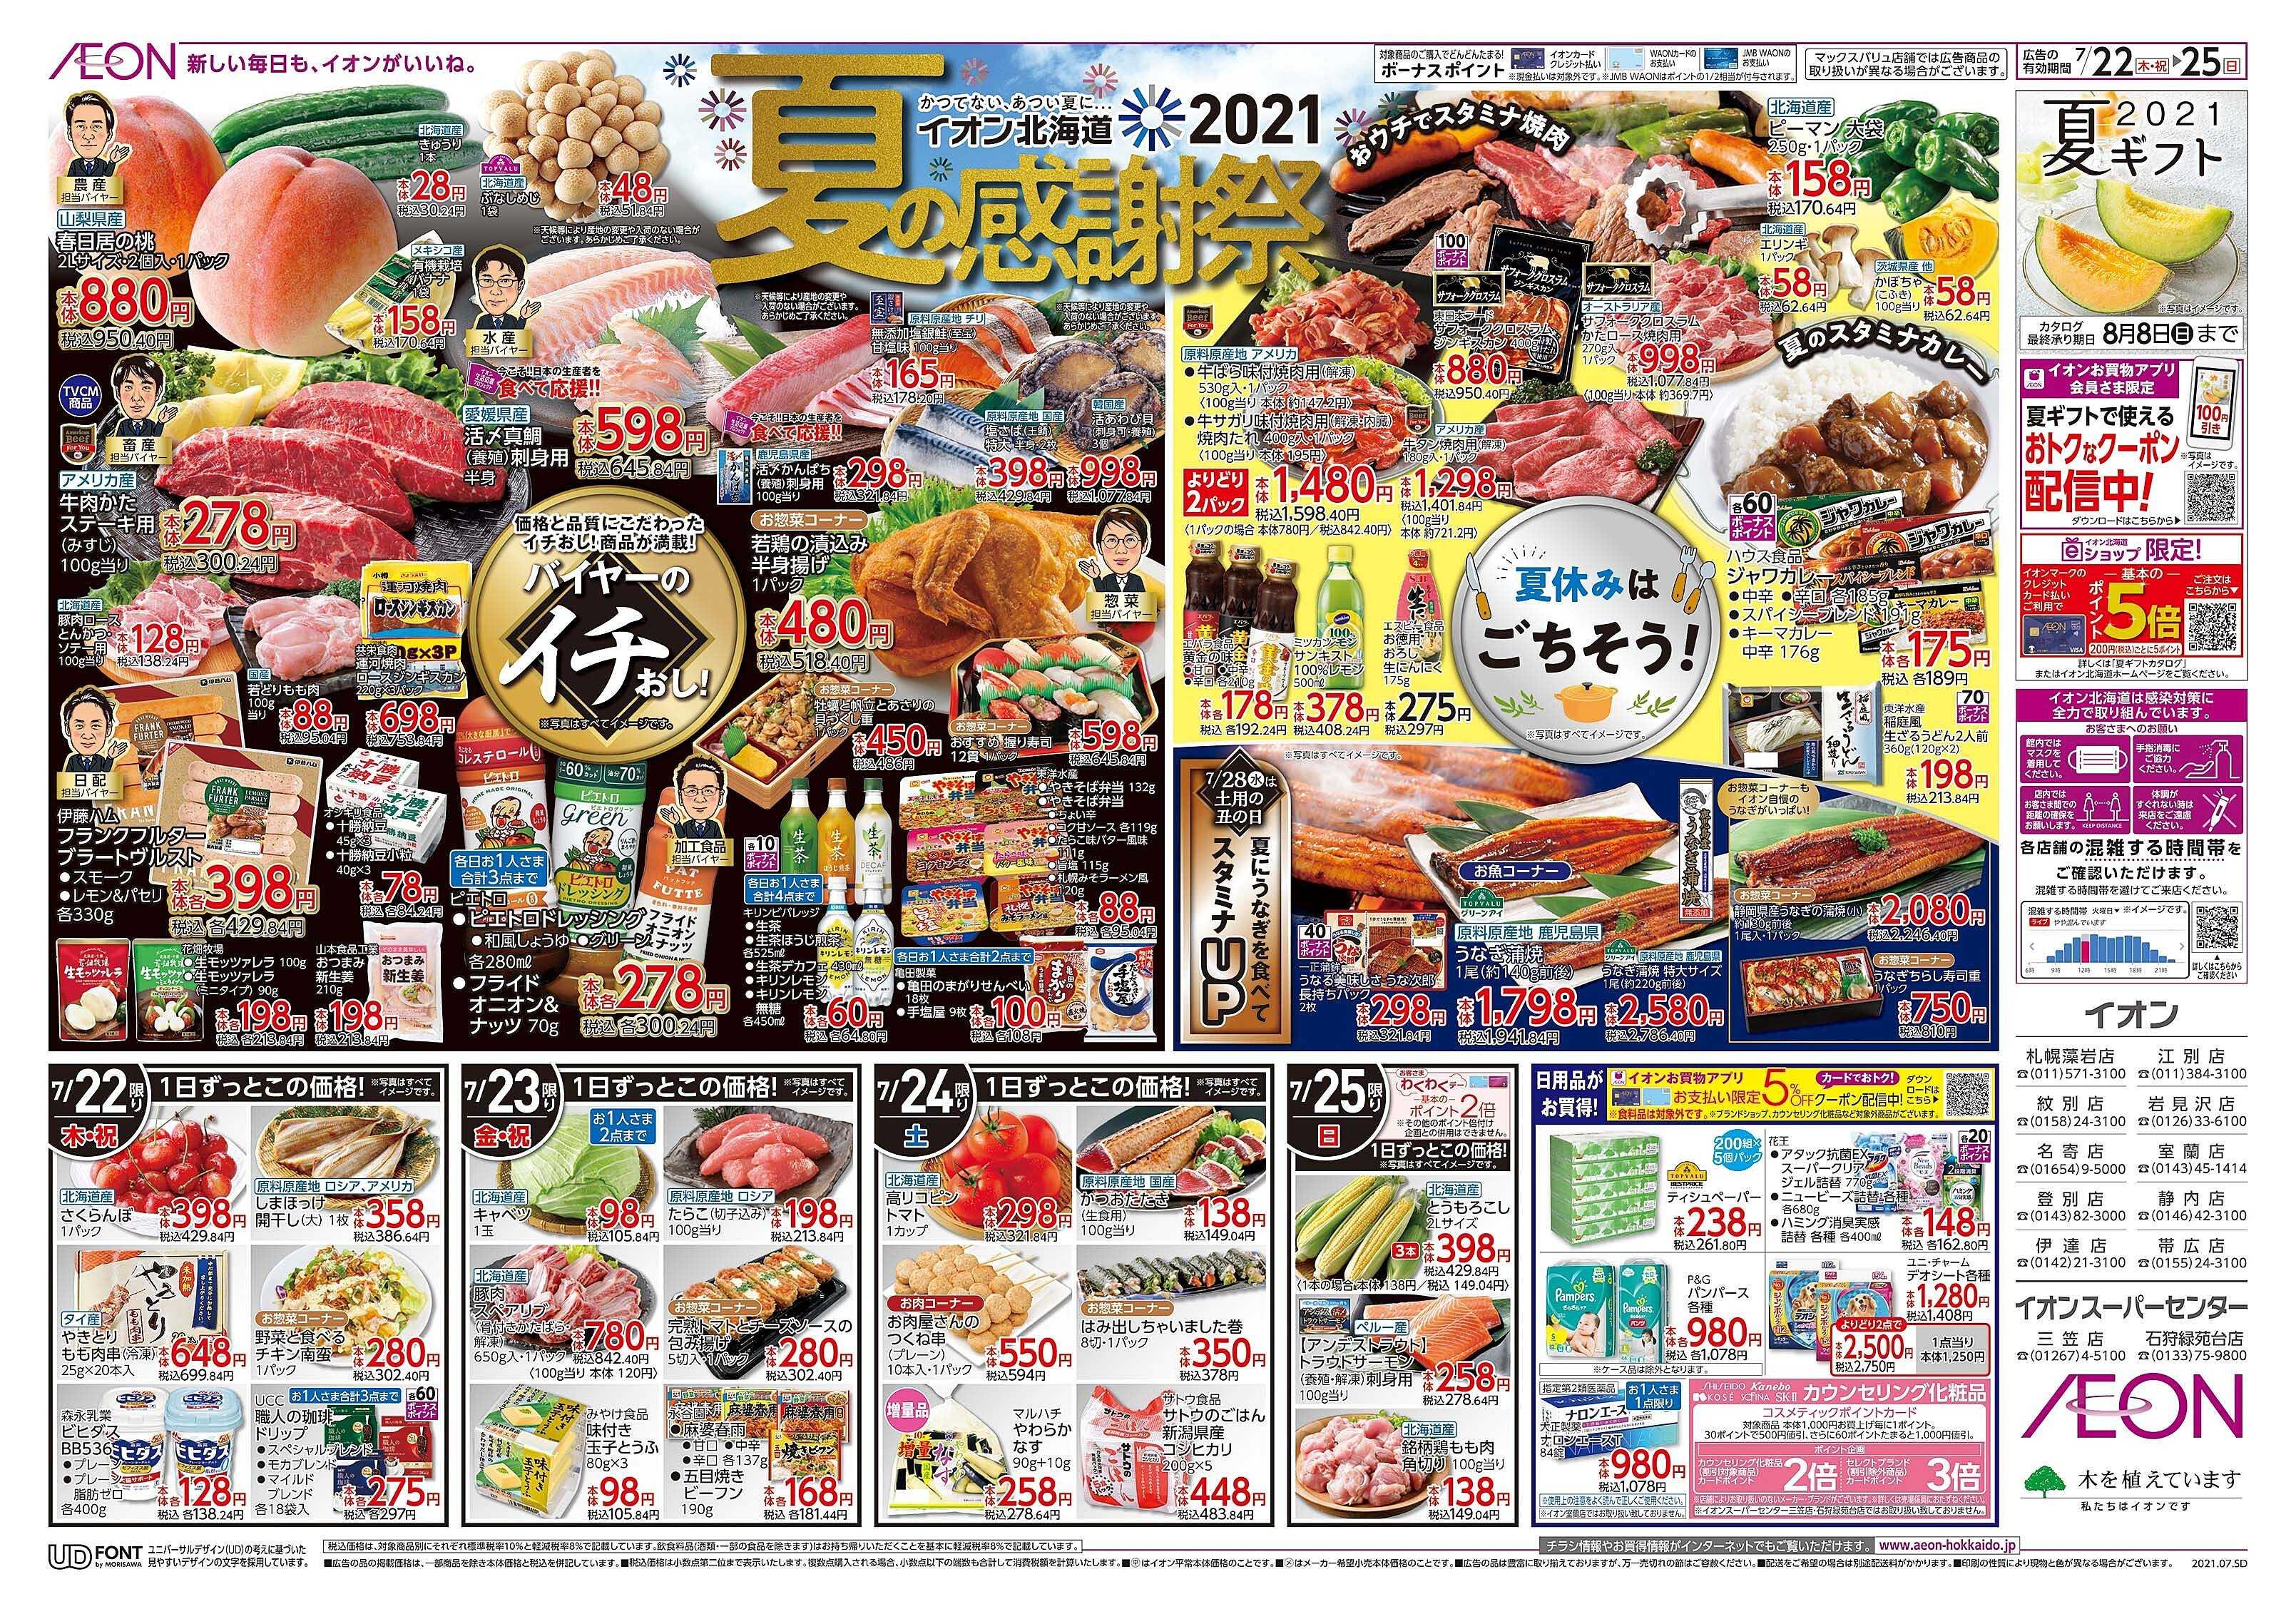 イオン北海道 夏の感謝祭